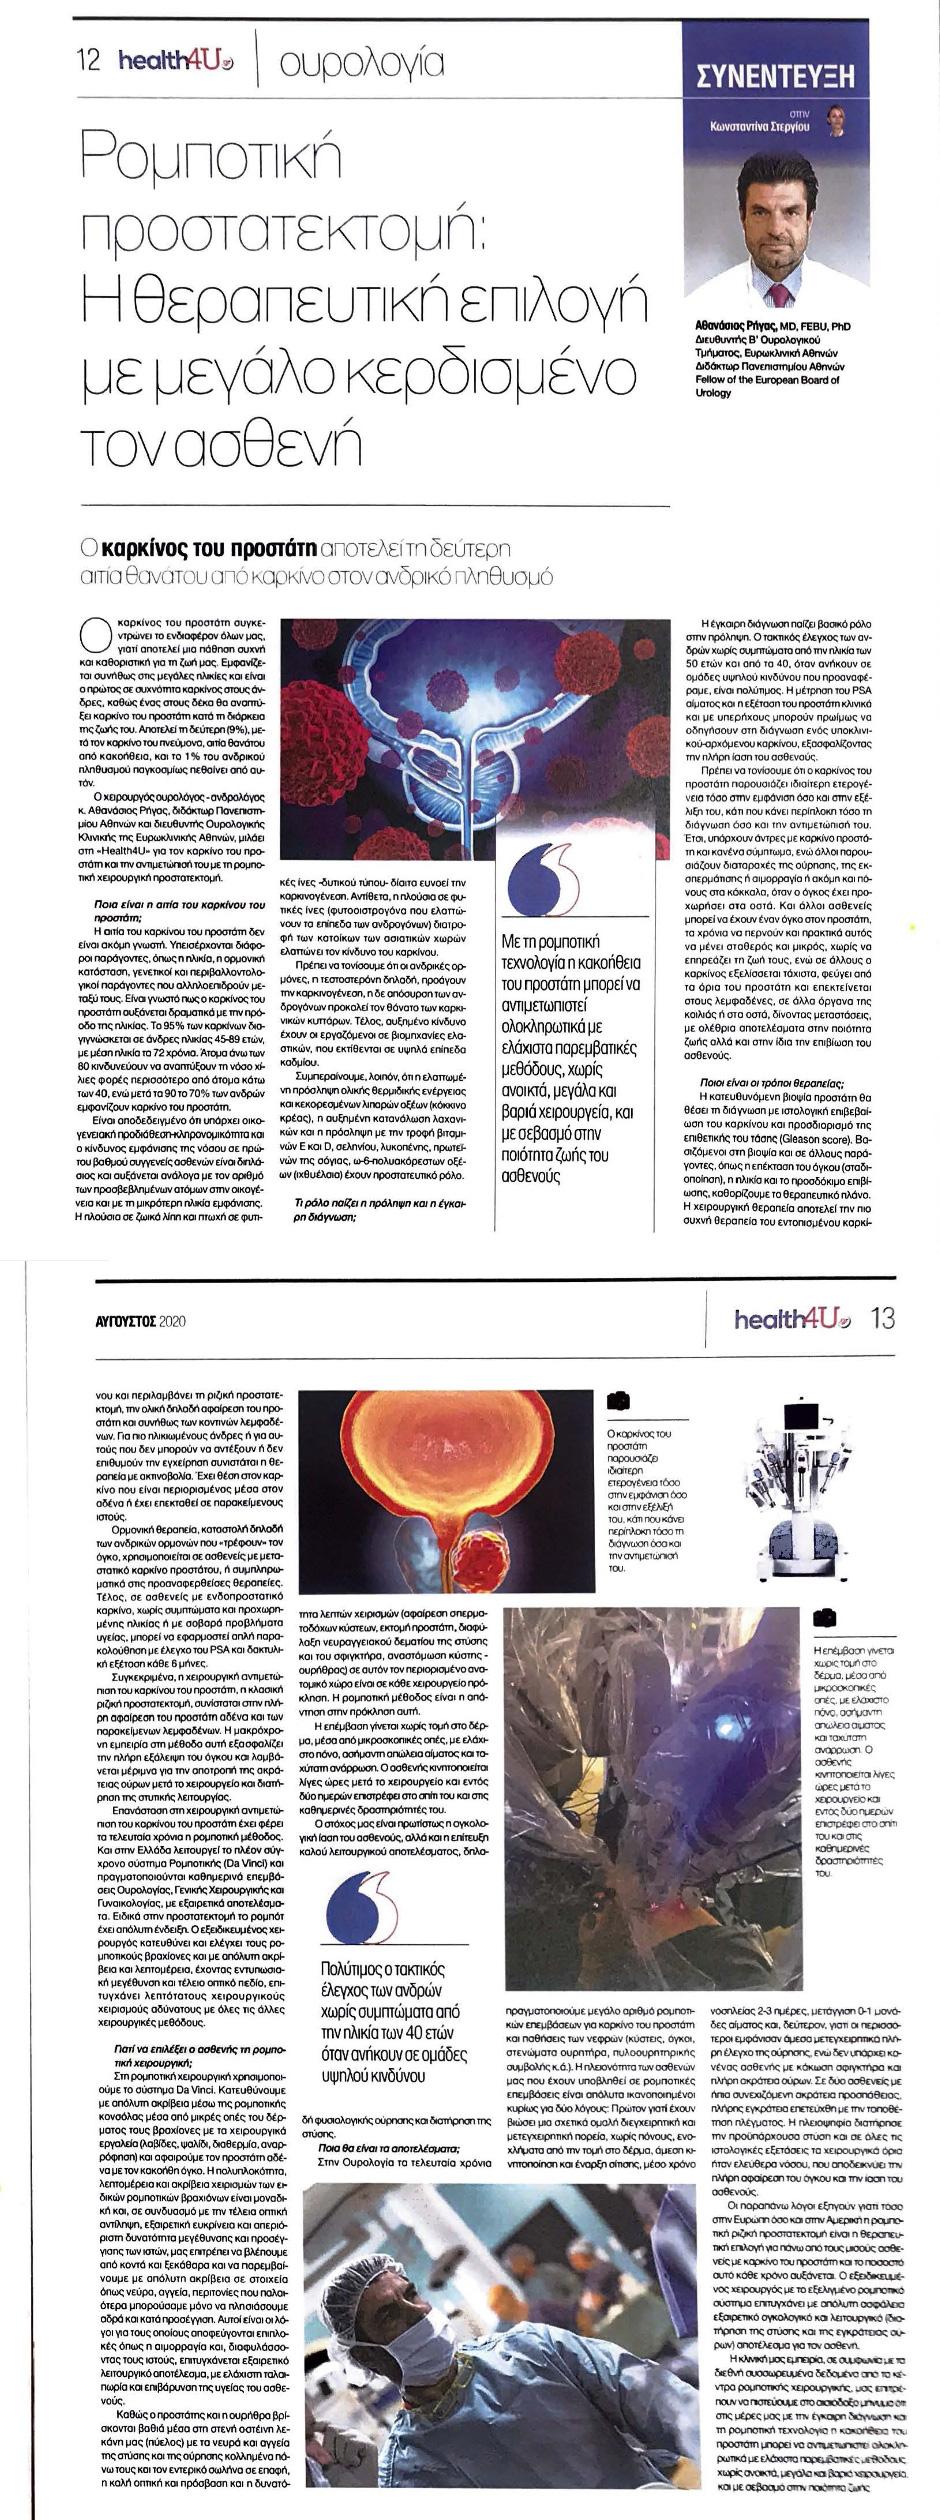 Ρομποτική προστατεκτομή: Η θεραπευτική επιλογή με μεγάλο κερδισμένο τον ασθενή